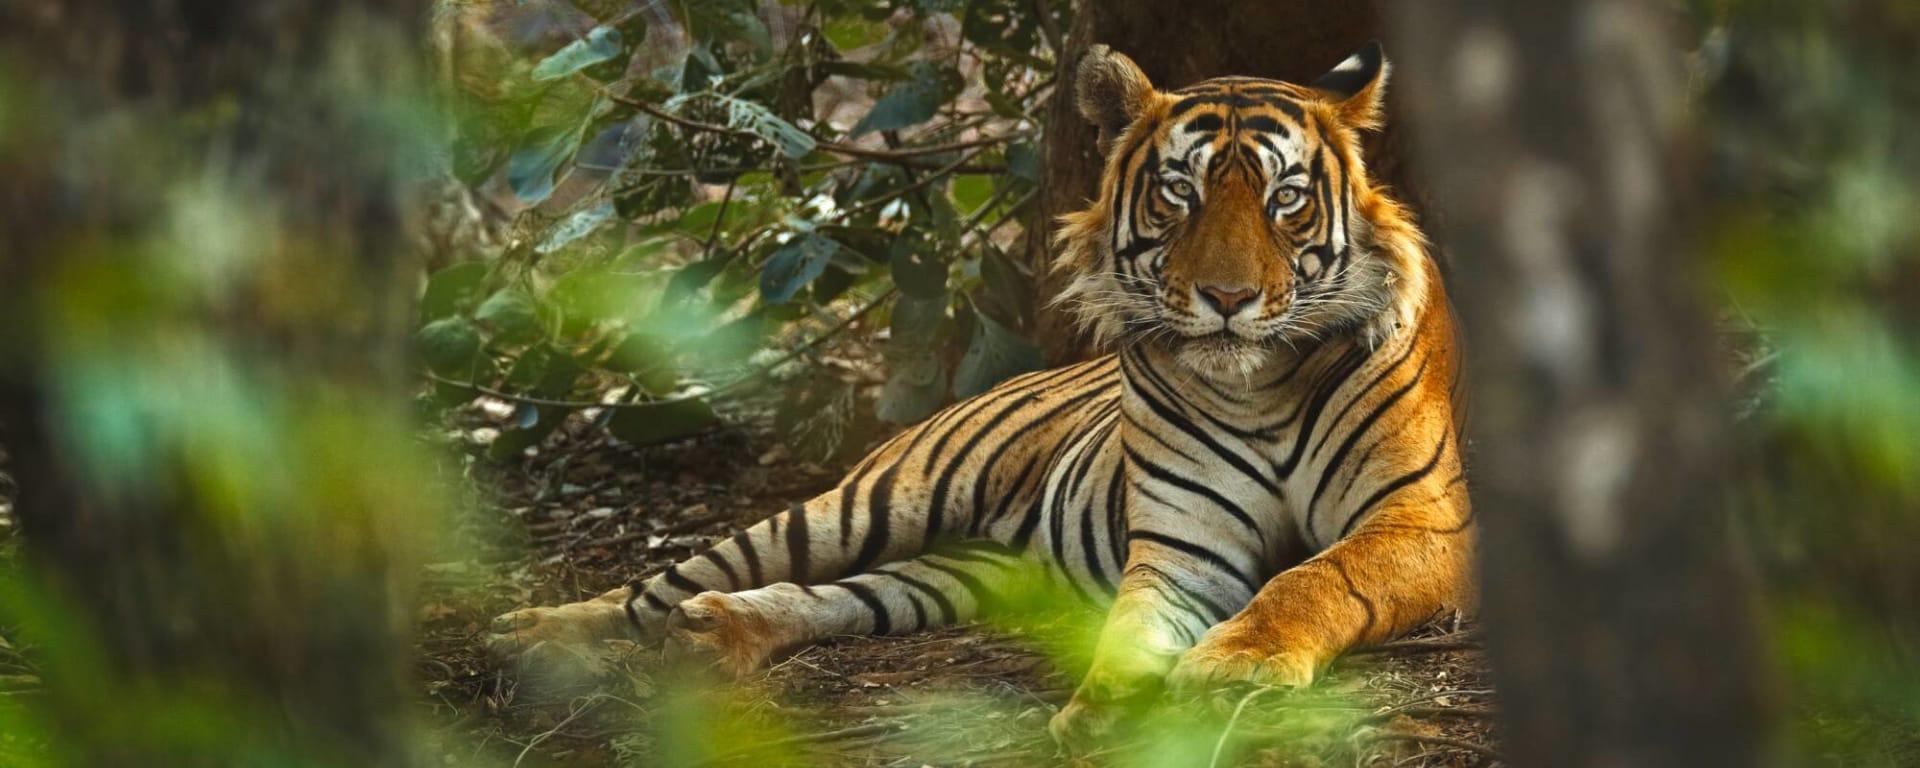 Indien entdecken mit Tischler Reisen: Indien Ranthambore Nationalpark Tiger